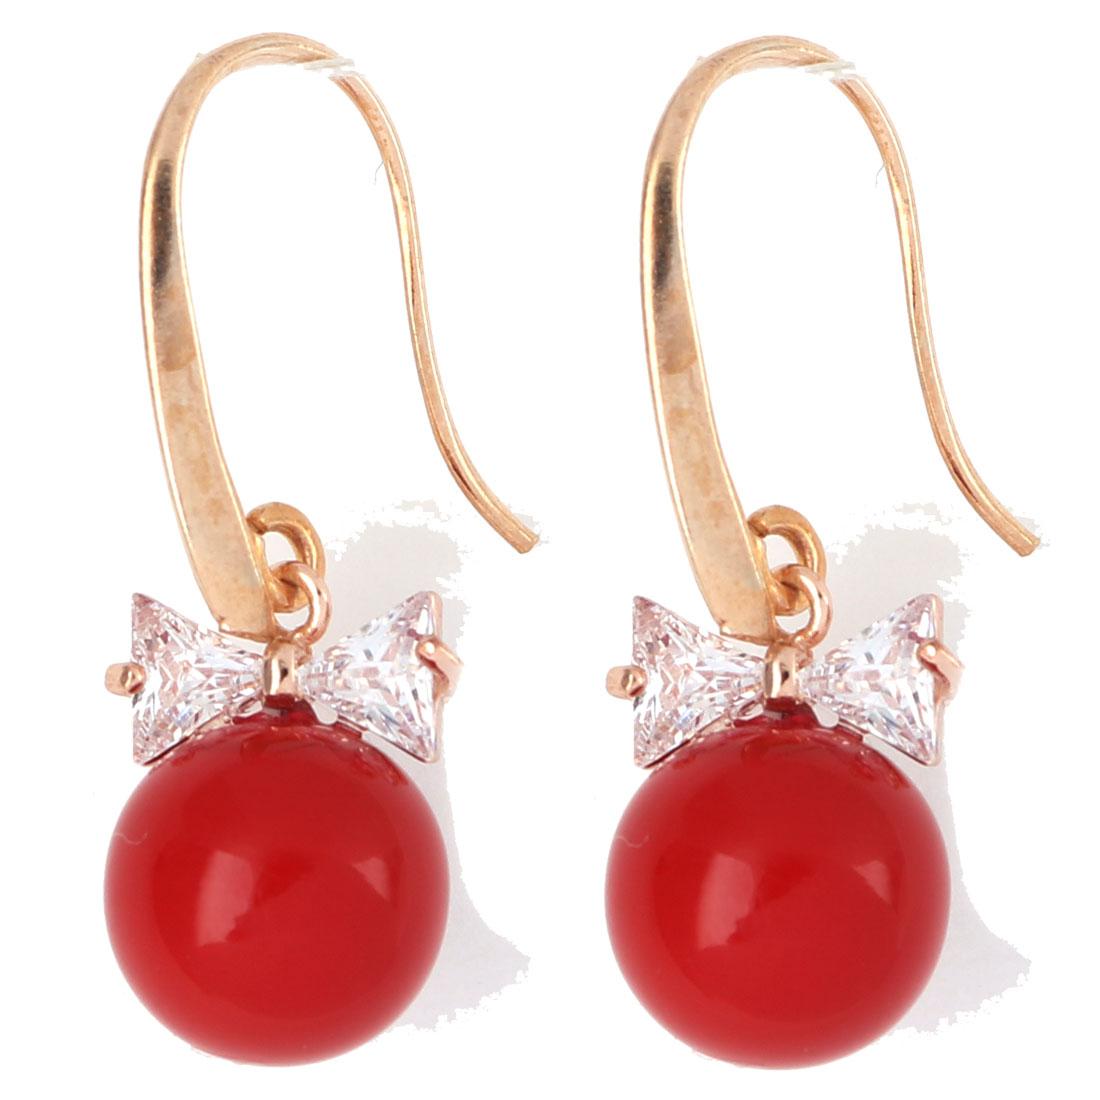 Household Women Jewelry Round Beads Bowtie Decor Ear Hook Dangling Earrings Red